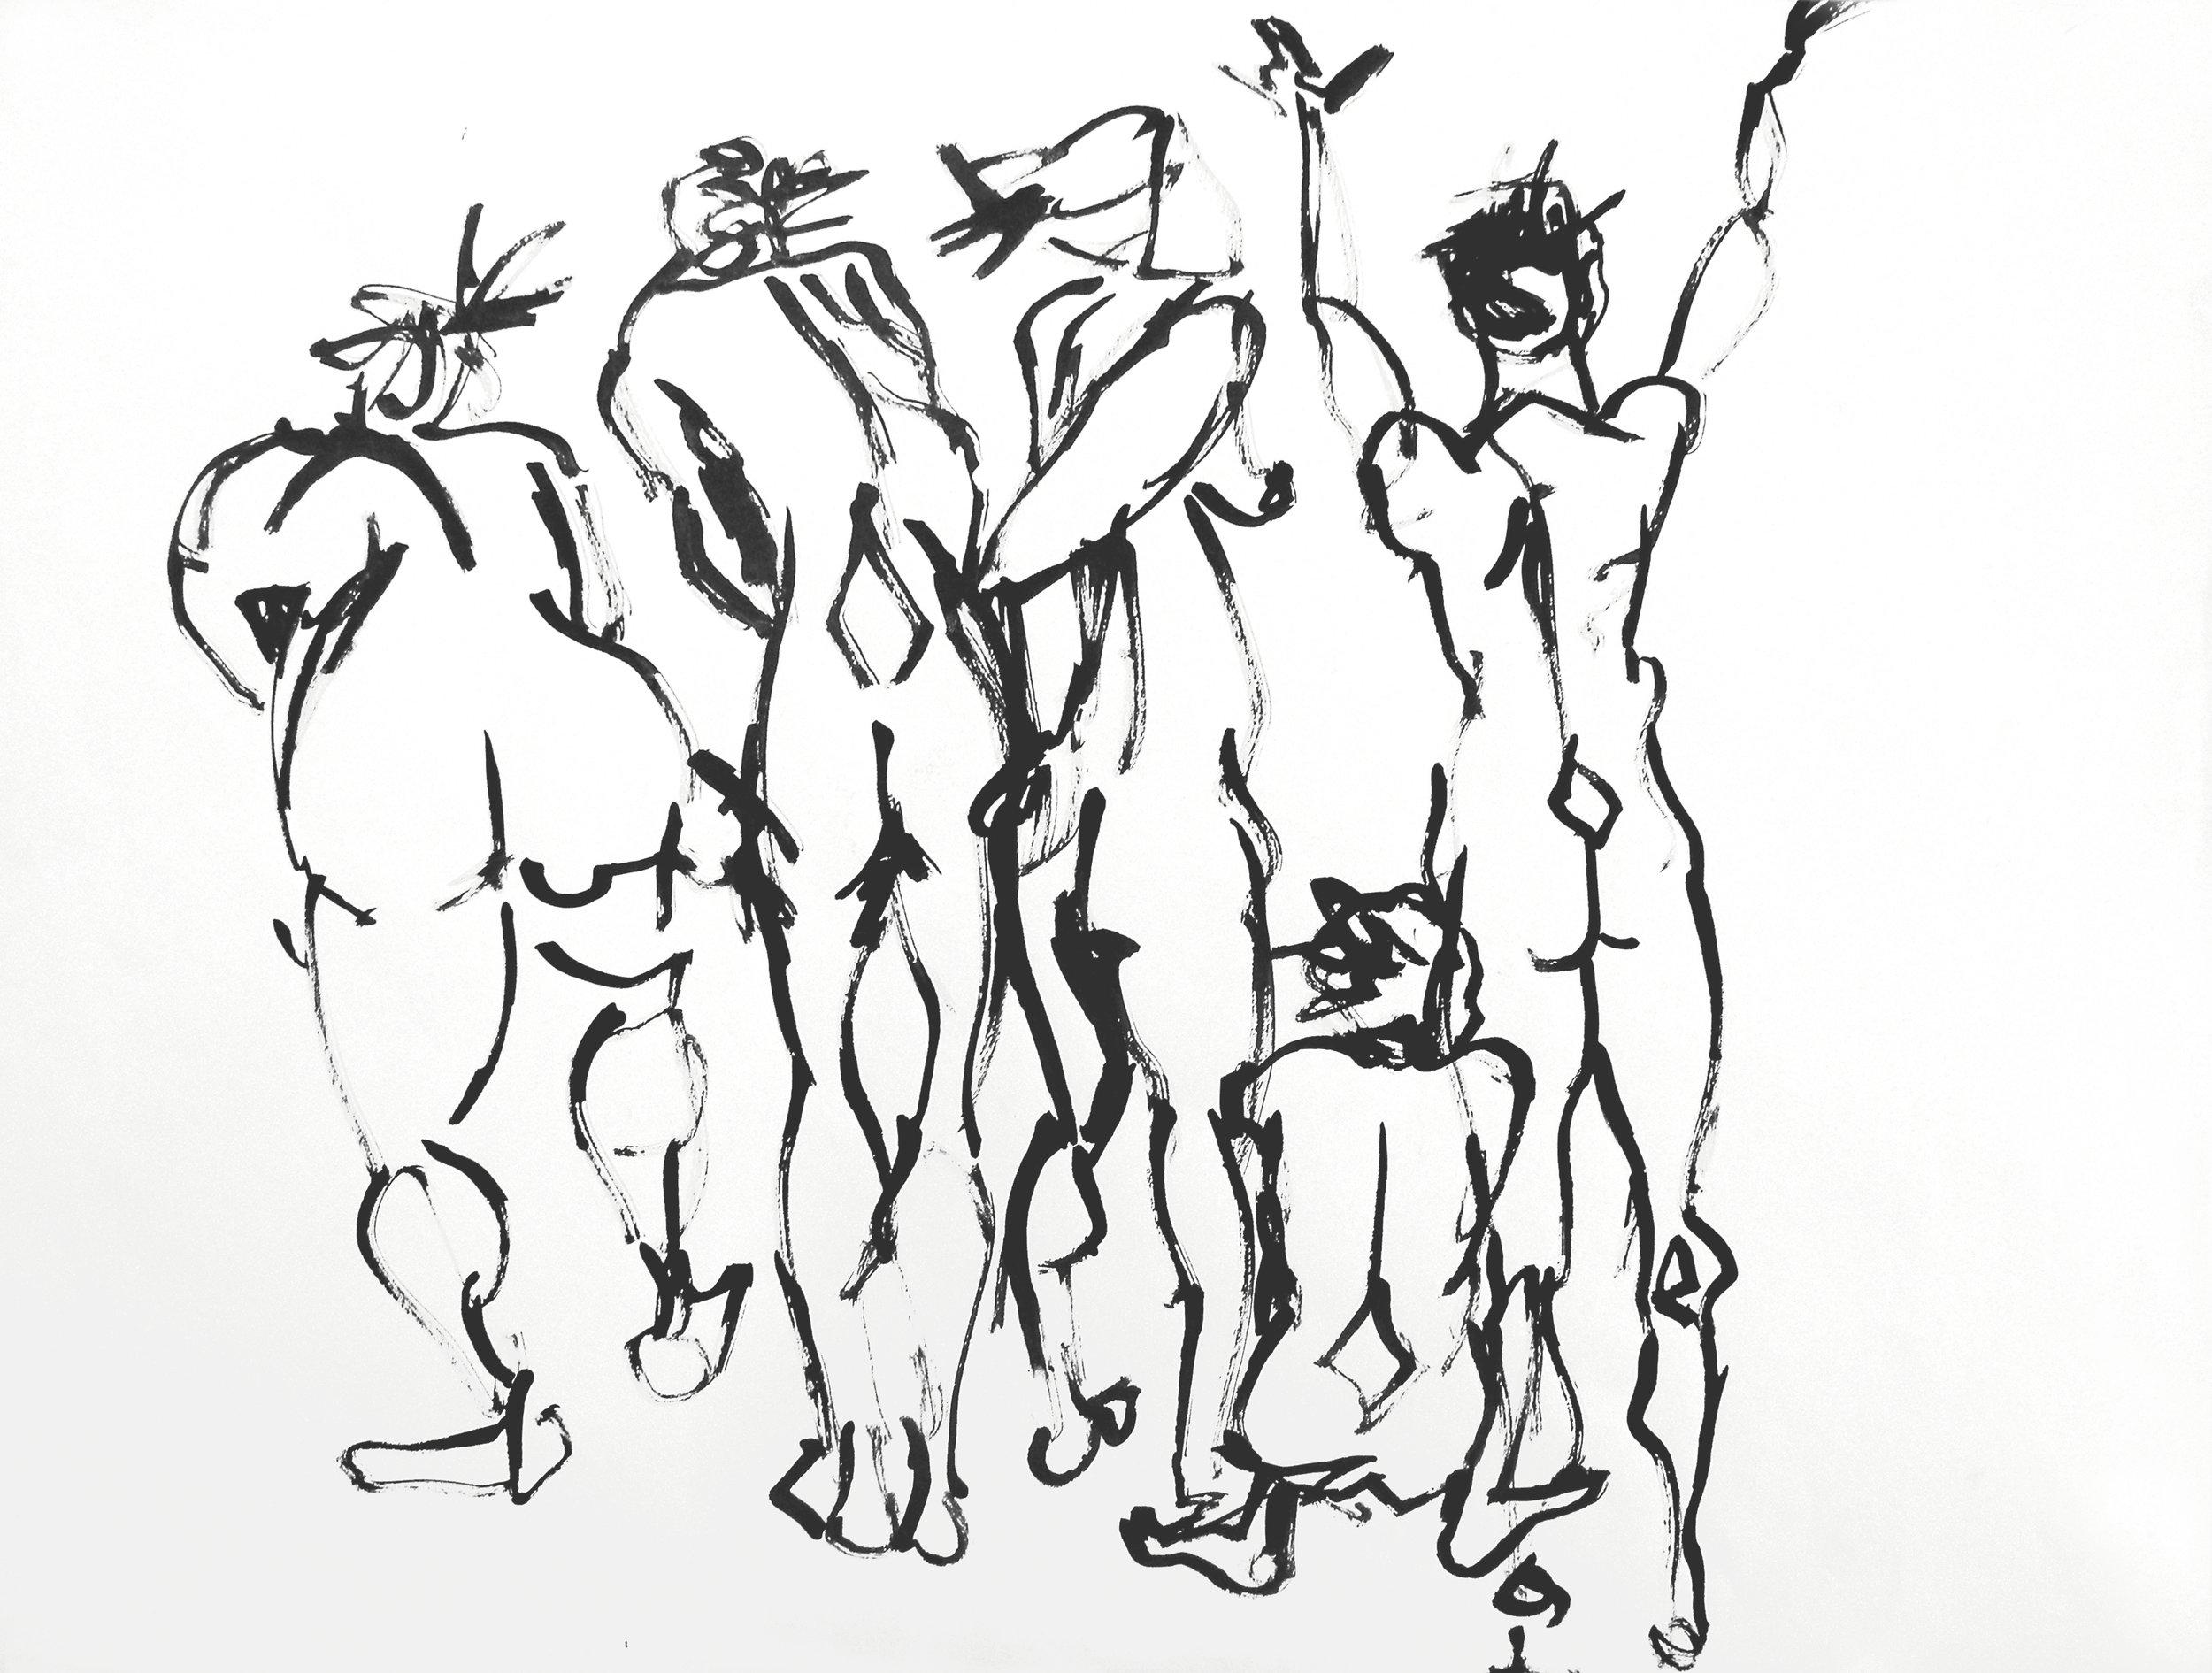 DRAWINGS - Gestural nudes